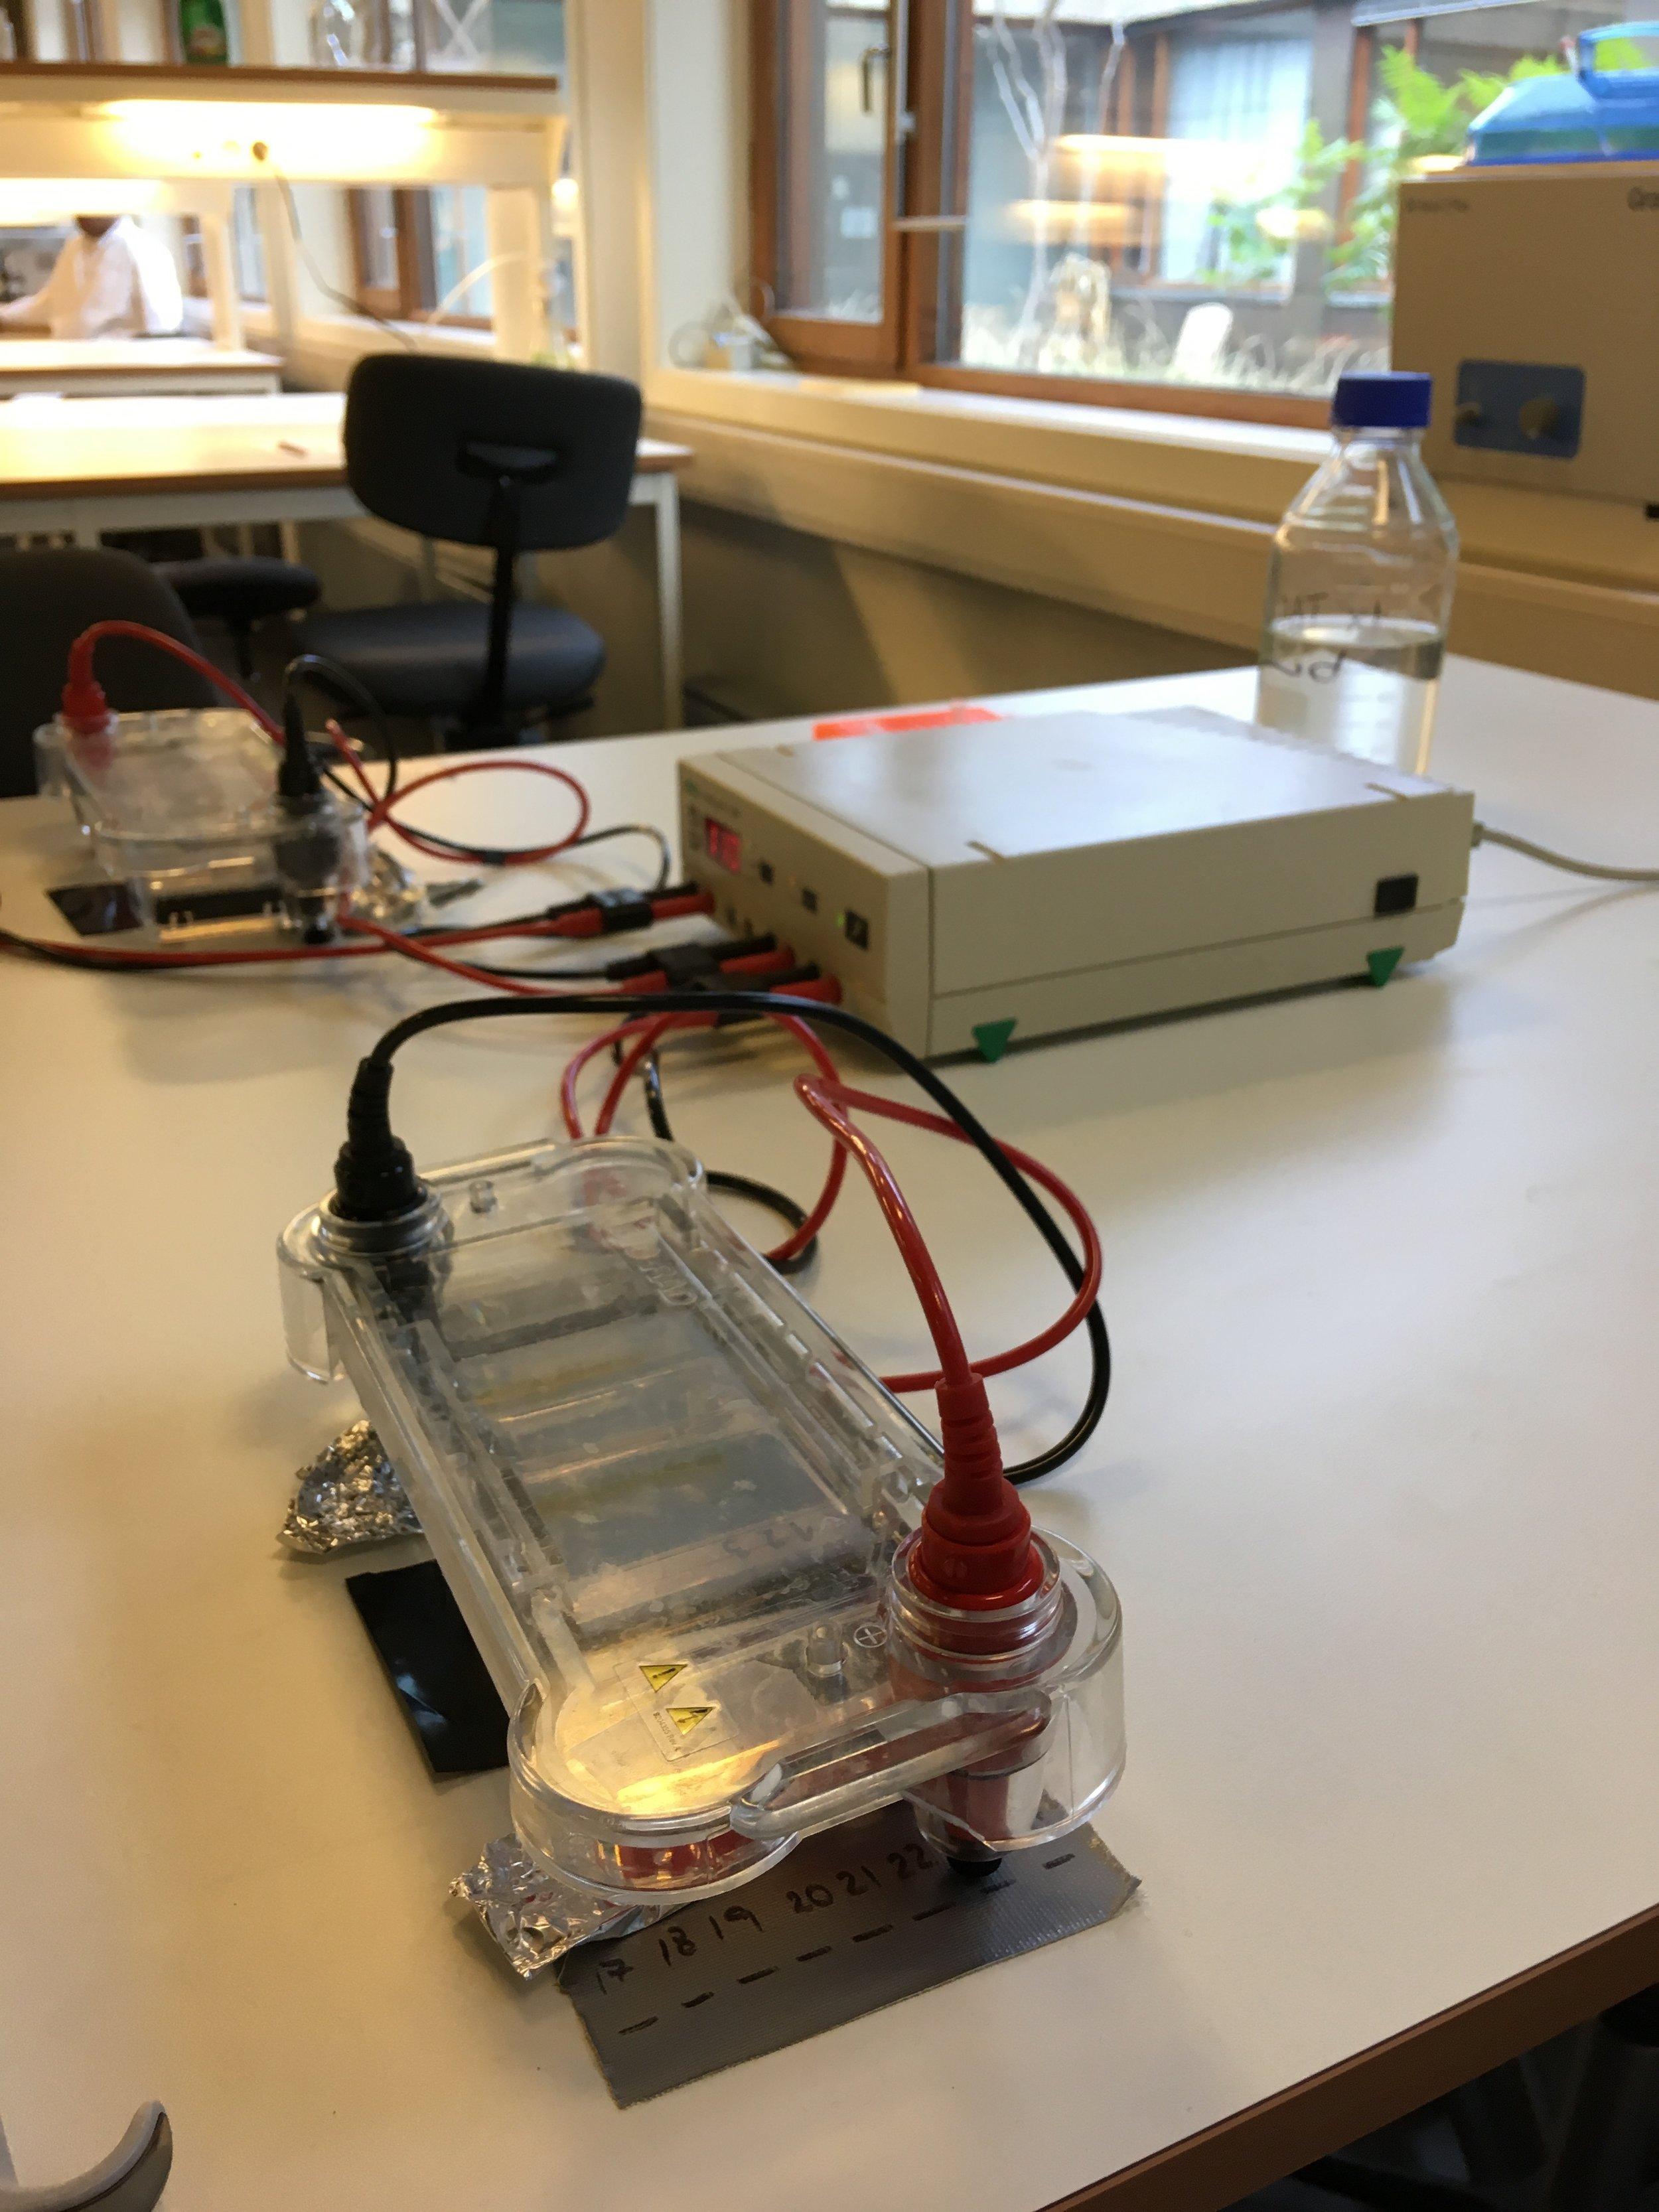 5. Gelelektrophoresekammer.jpg